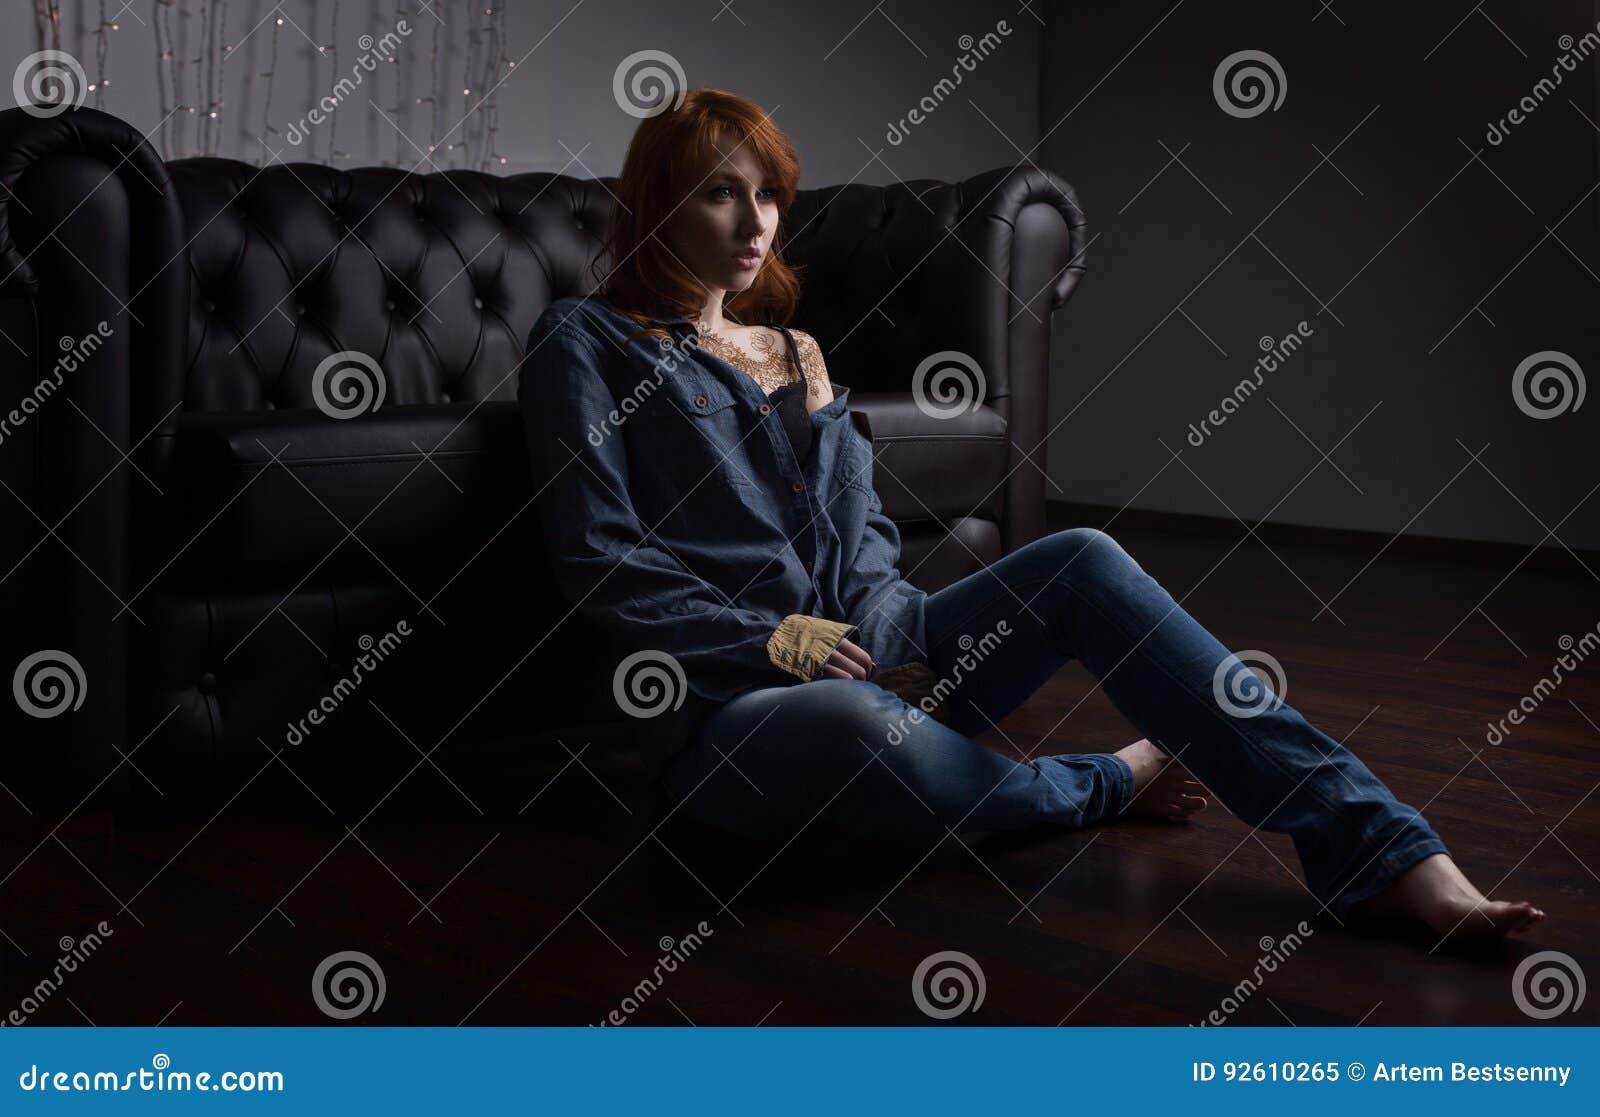 Stående av en rödhårig flicka i jeans skjorta och jeans som sitter på den svarta soffan på golvet